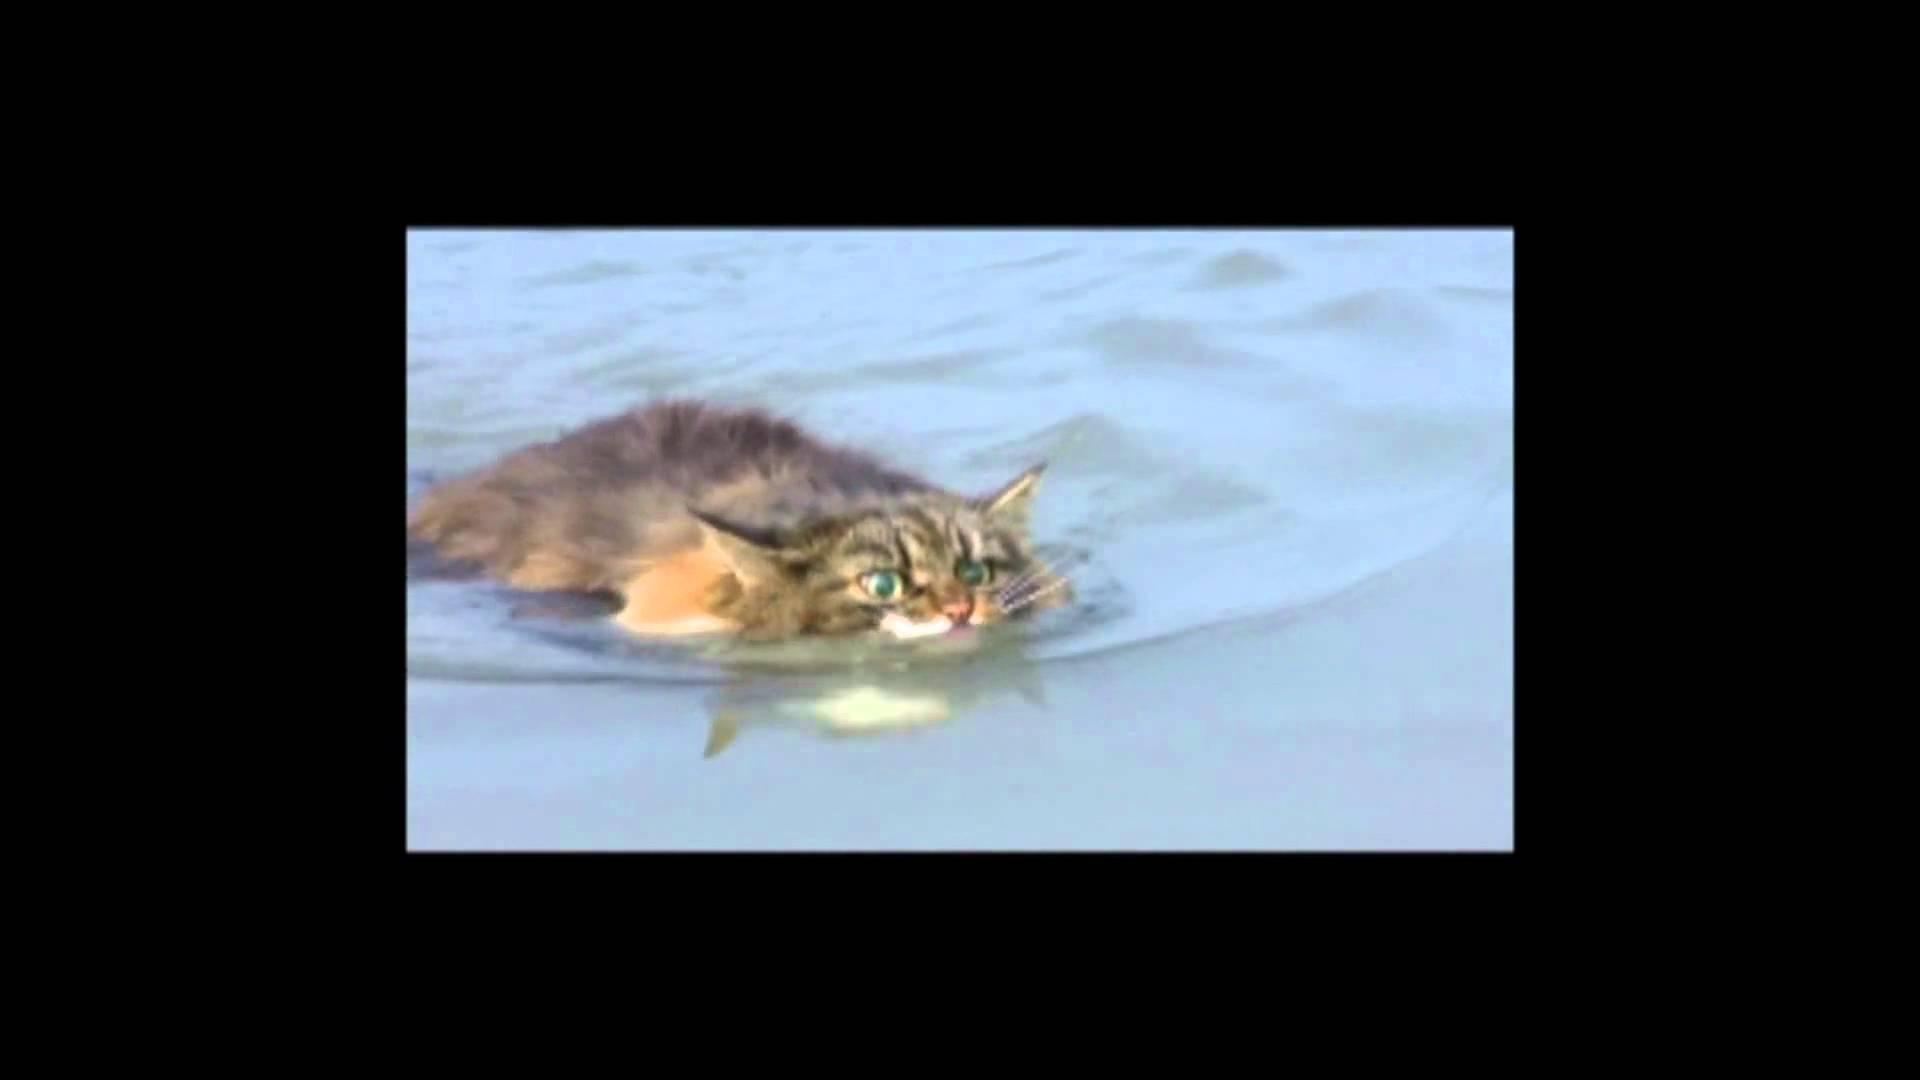 未確認生物?いや猫ですww珍しい泳ぐ猫の動画